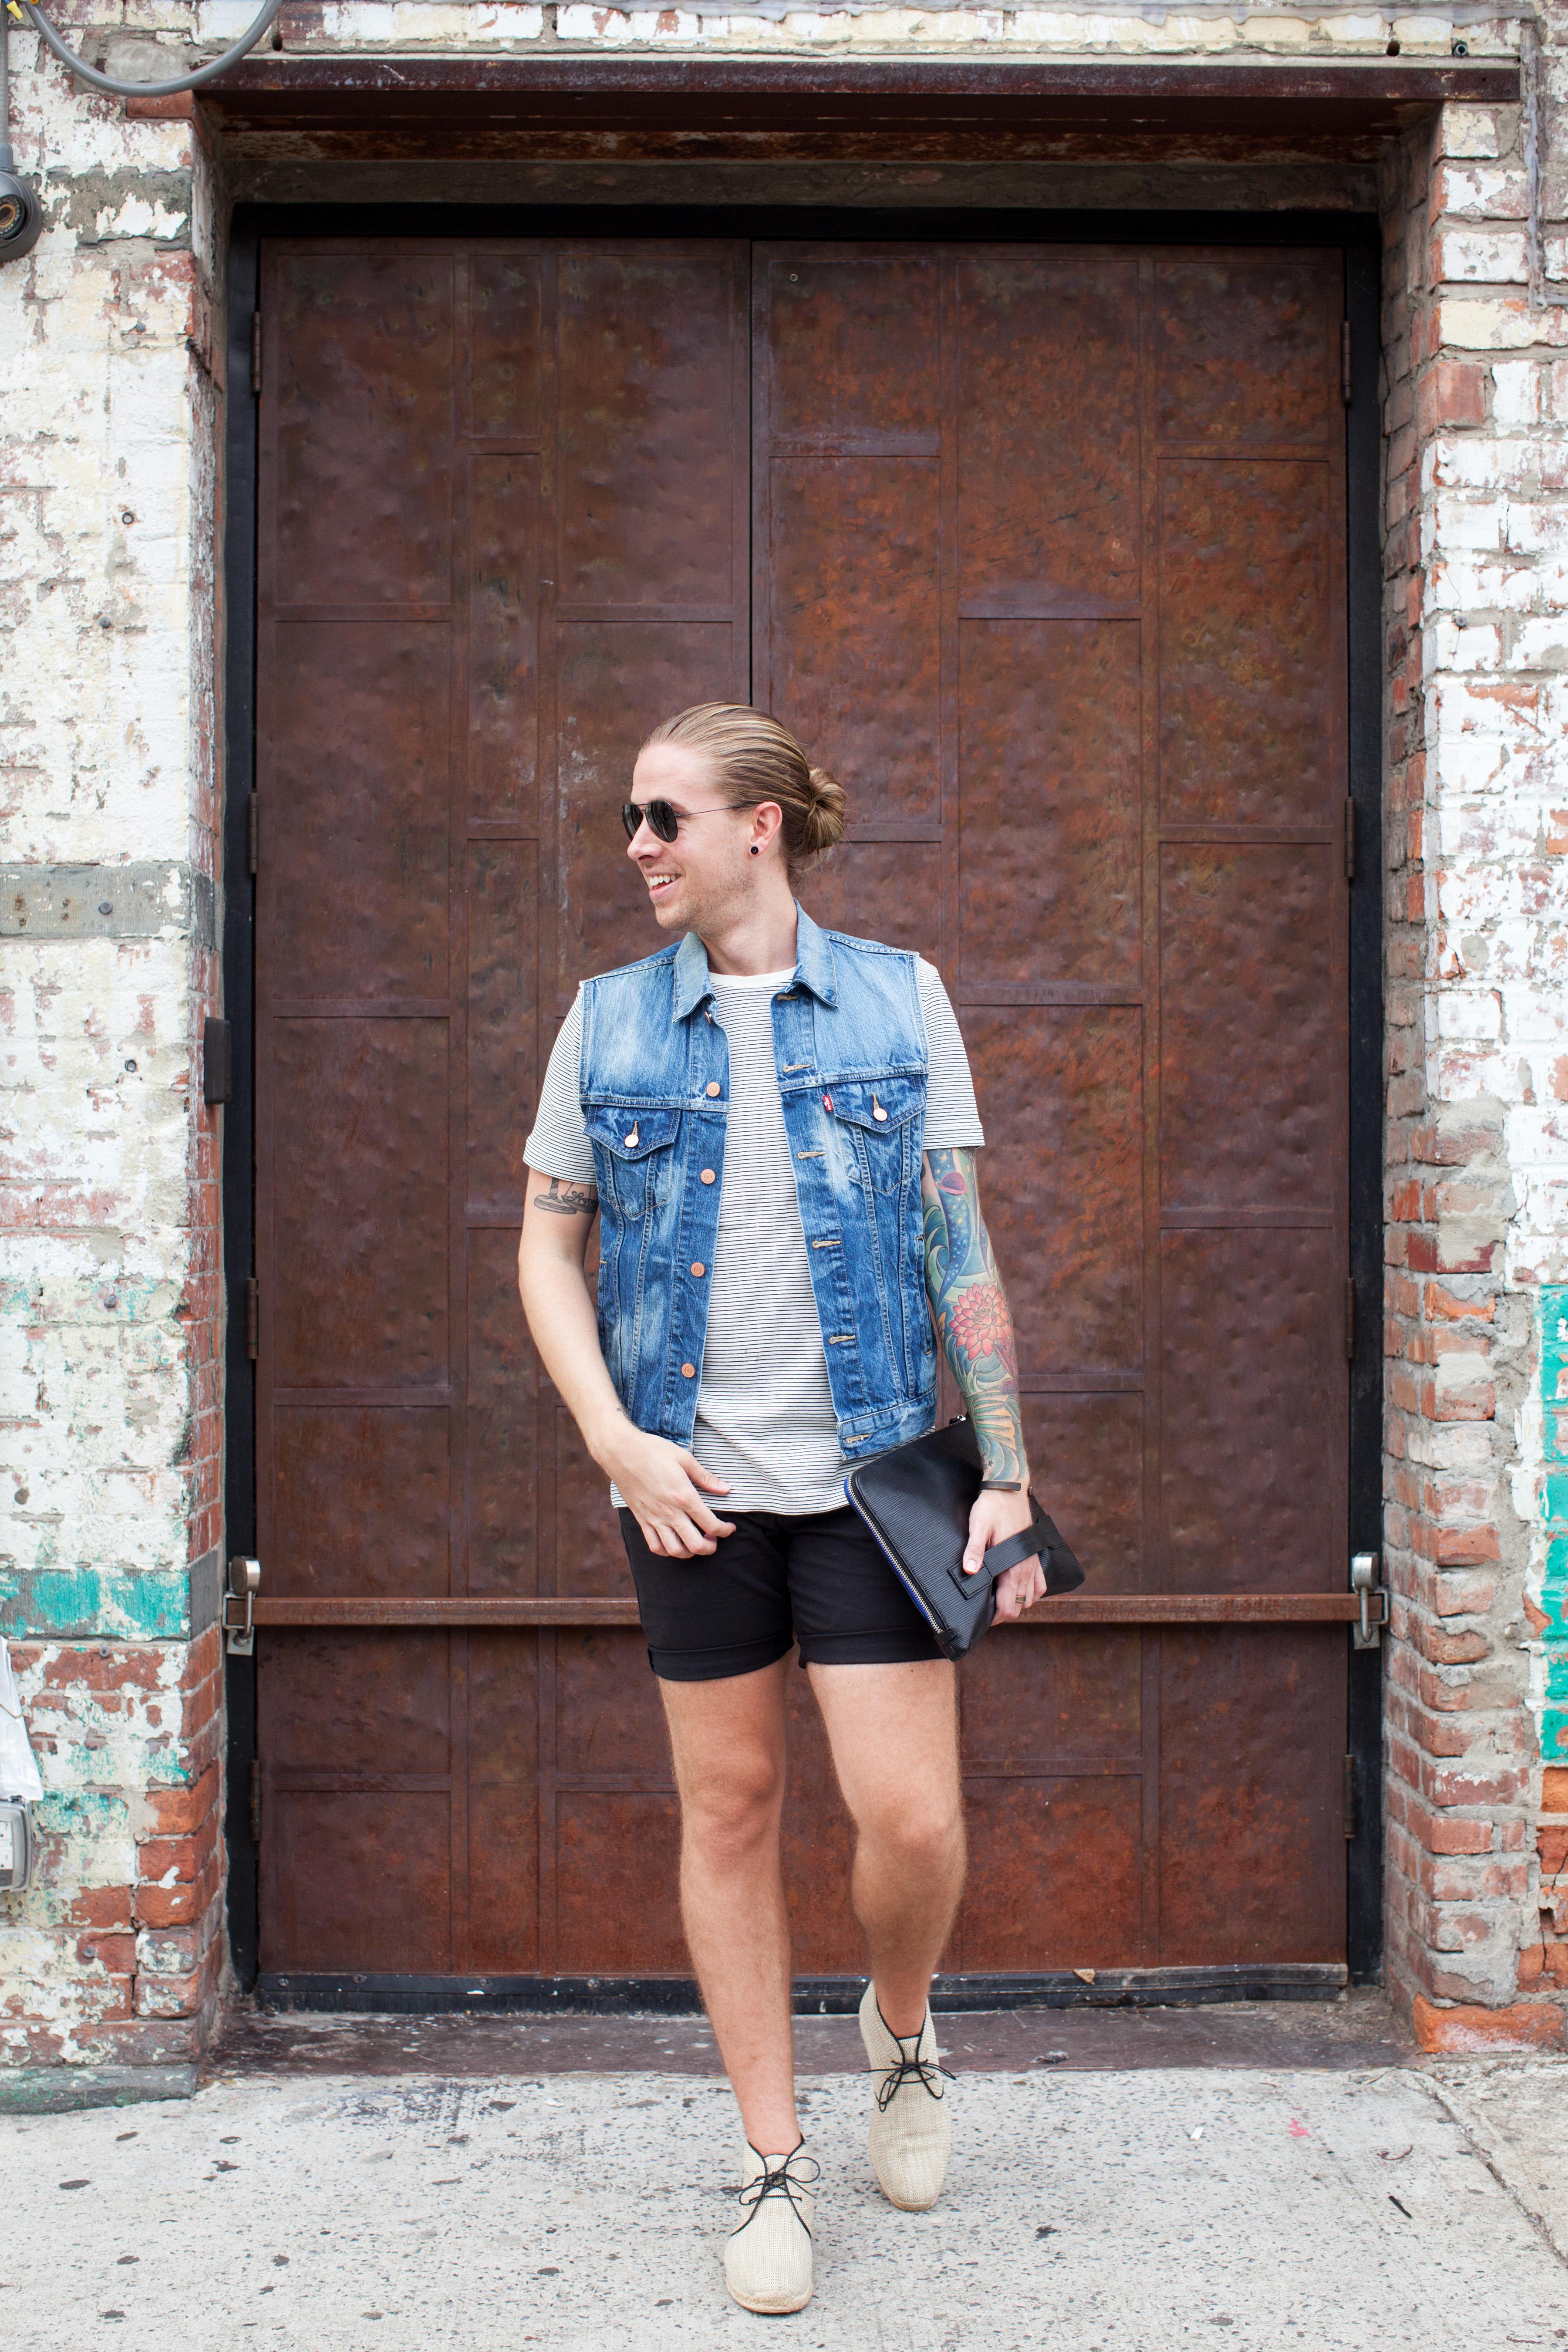 louboutin, louboutin homme, nyfwm, new york fashion week, new york fashion week mens